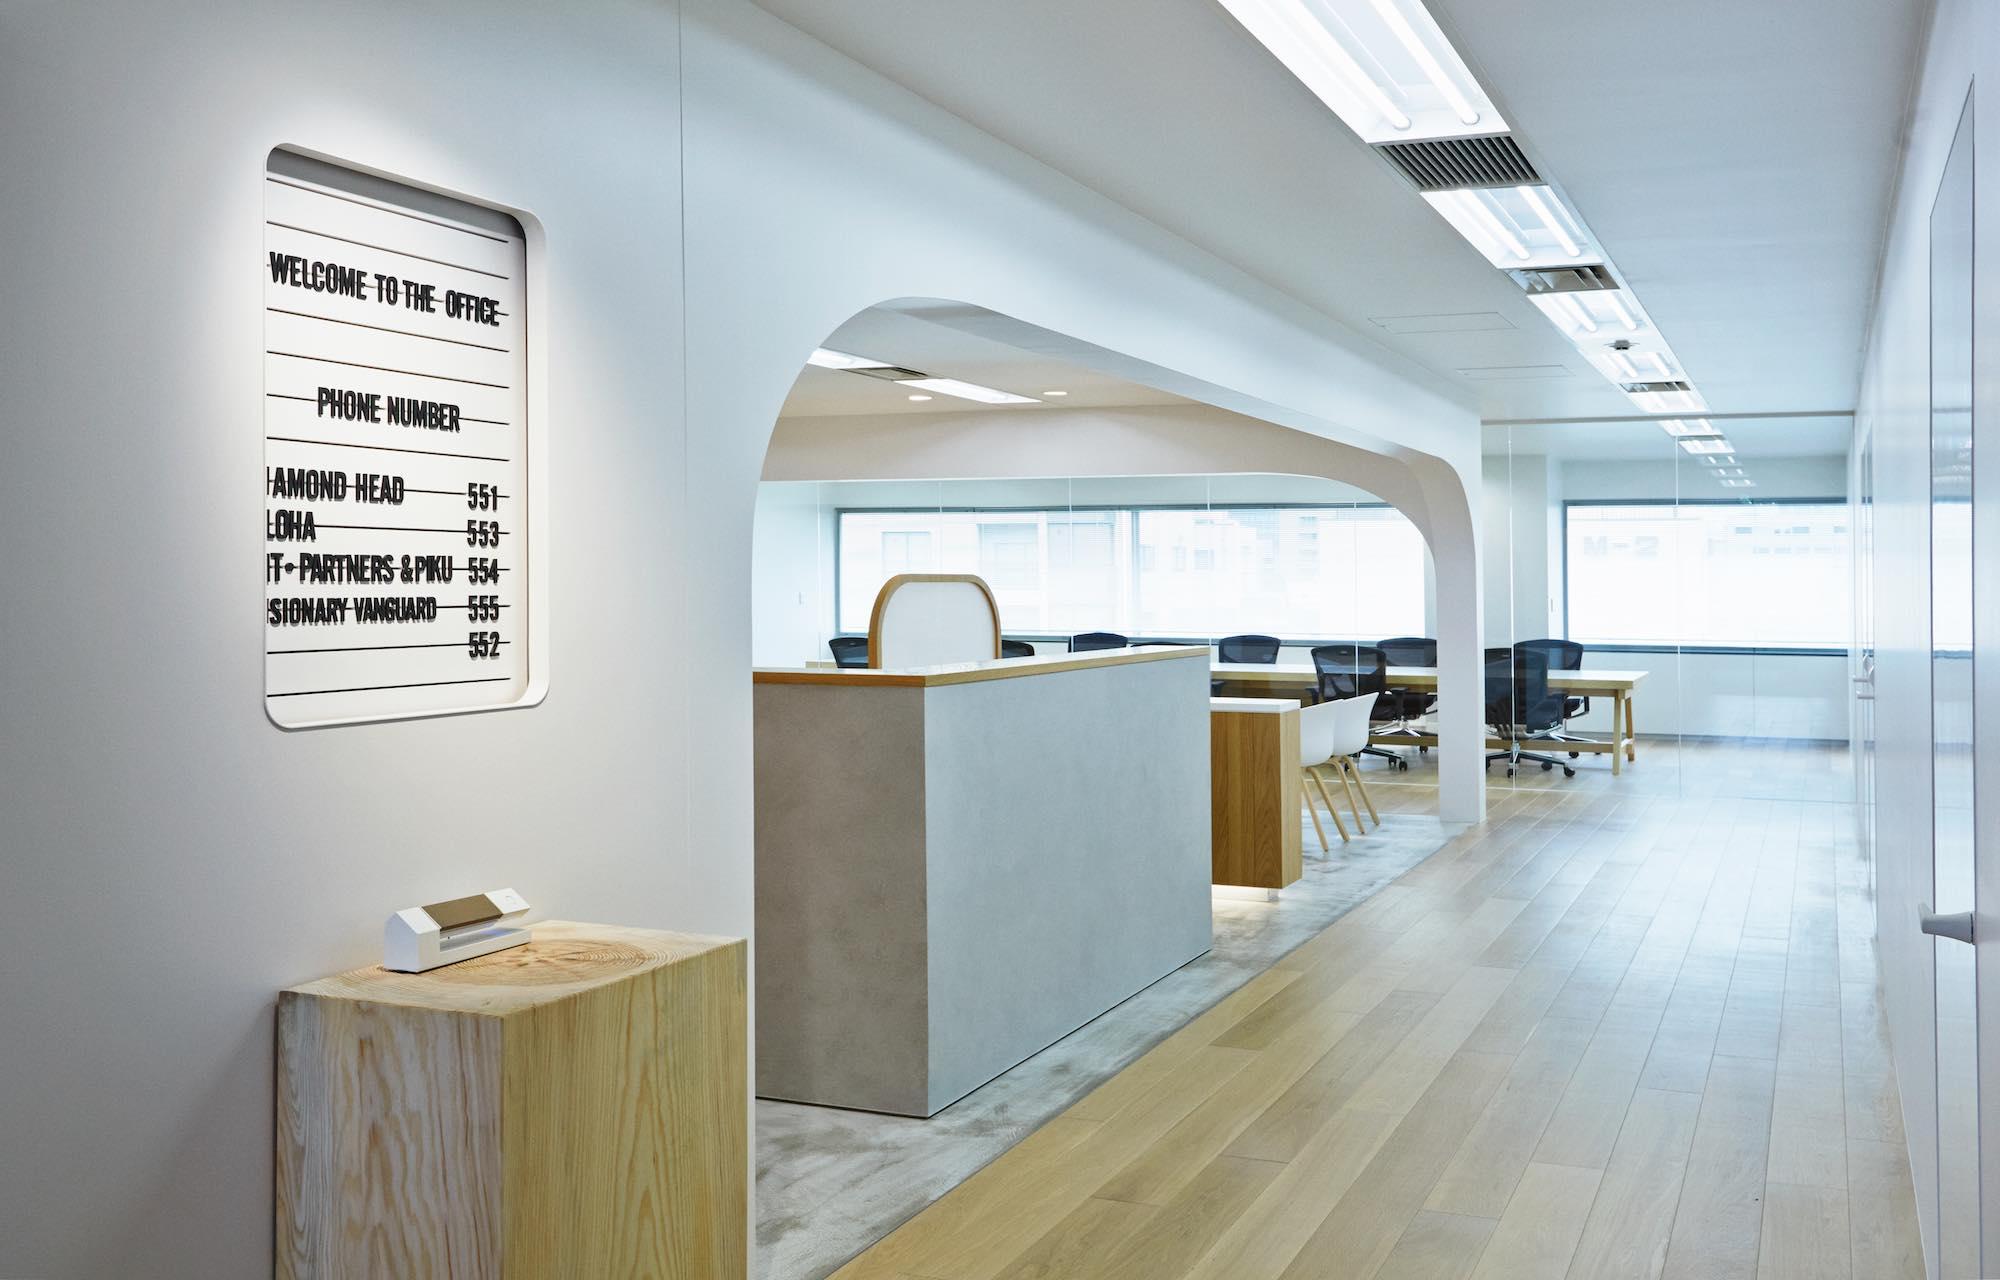 ダイアモンドヘッド株式会社 Tokyo Office Entrance デザイン・レイアウト事例